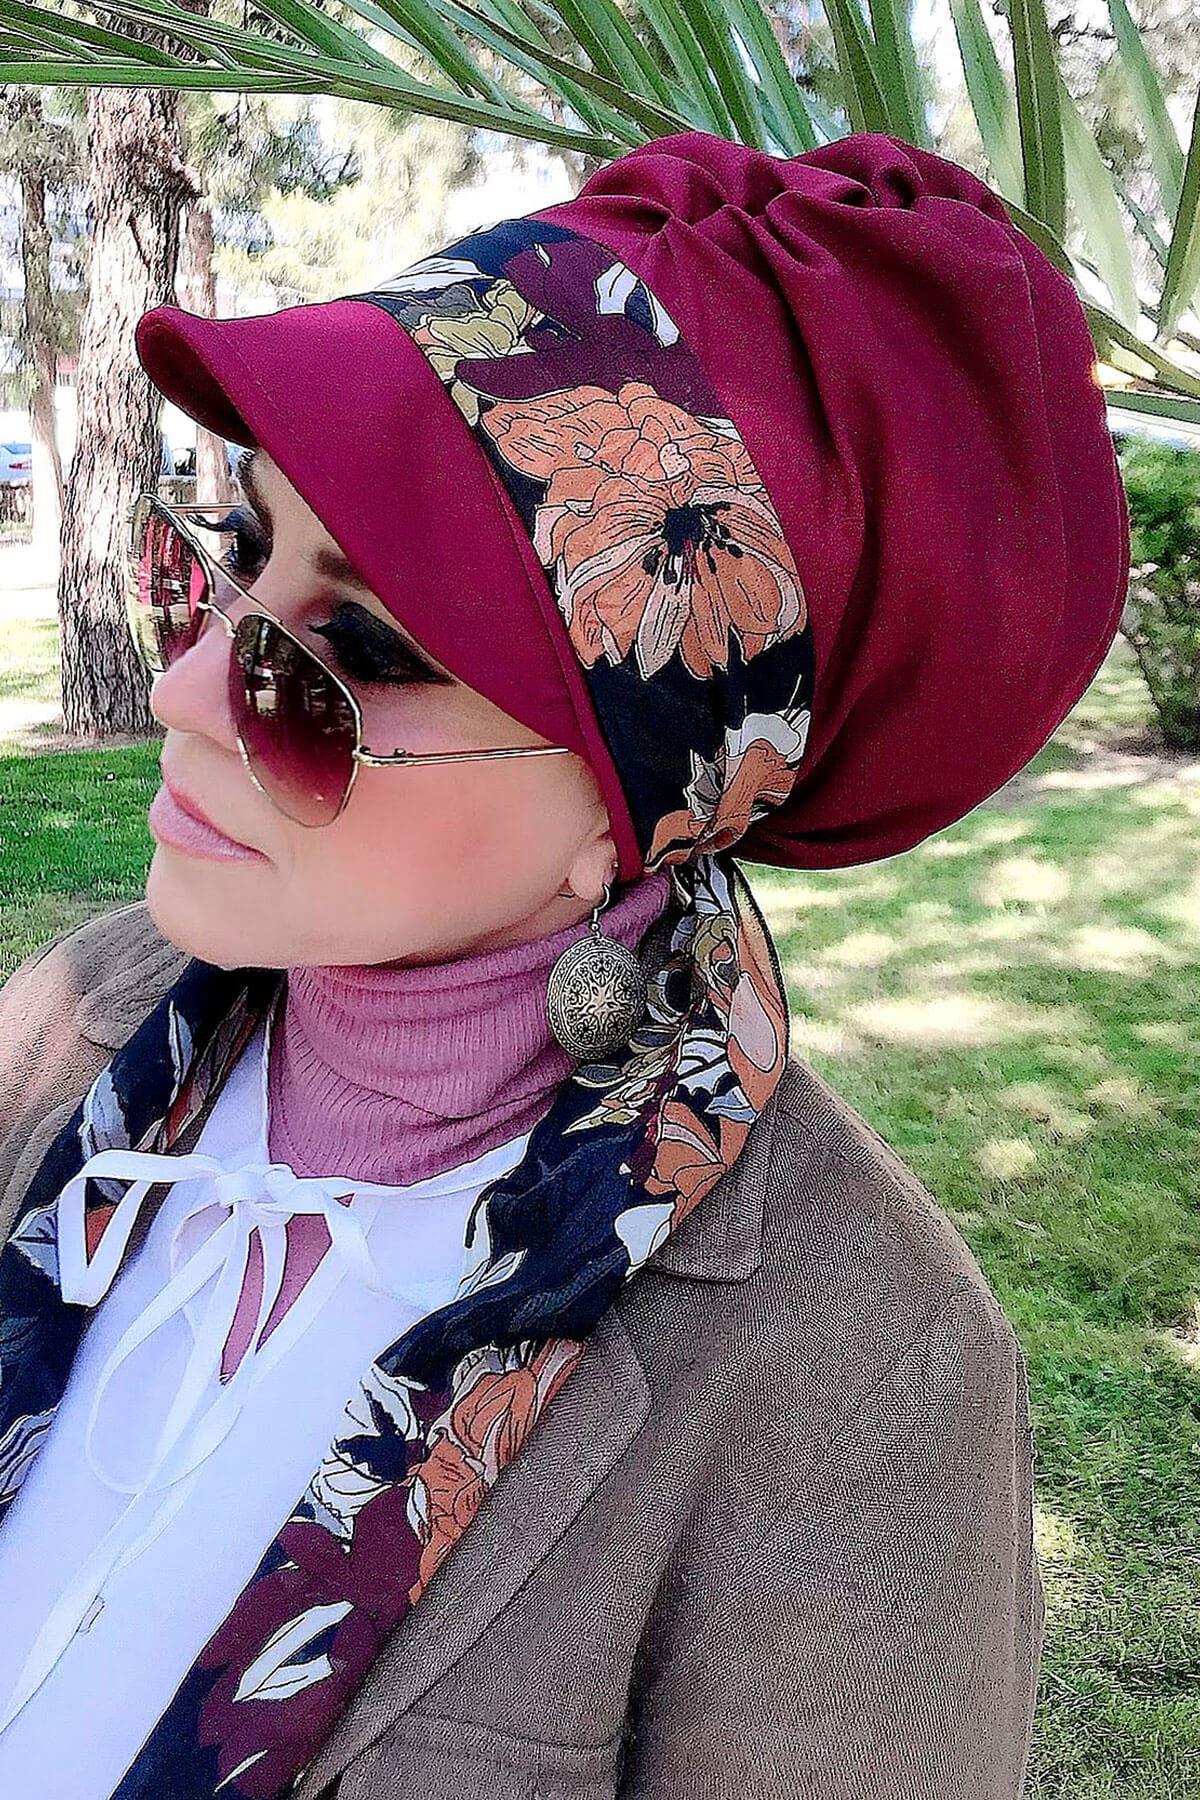 Turuncu Çiçek Desenli Bordo Fularlı Şapka